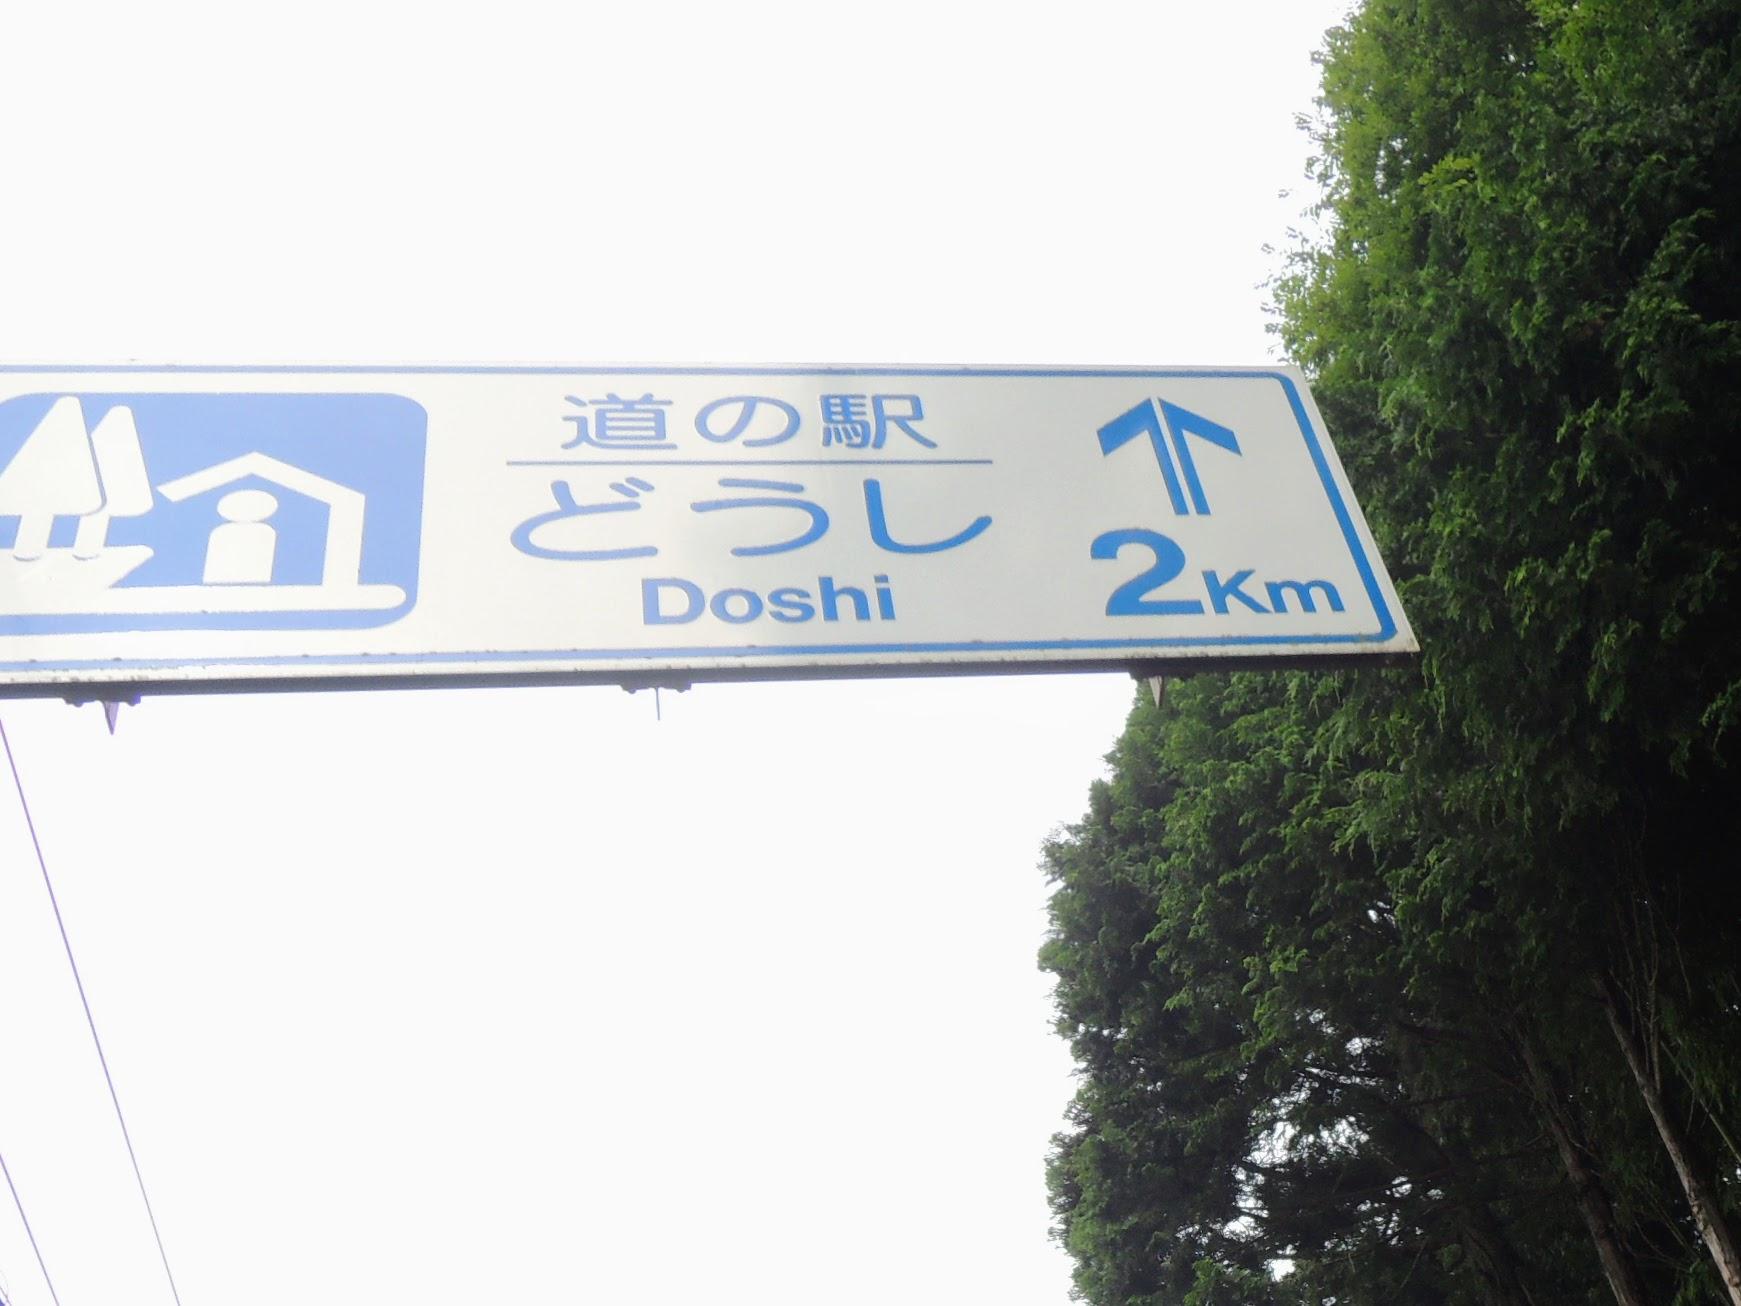 道の駅どうしまであと2kmの表示